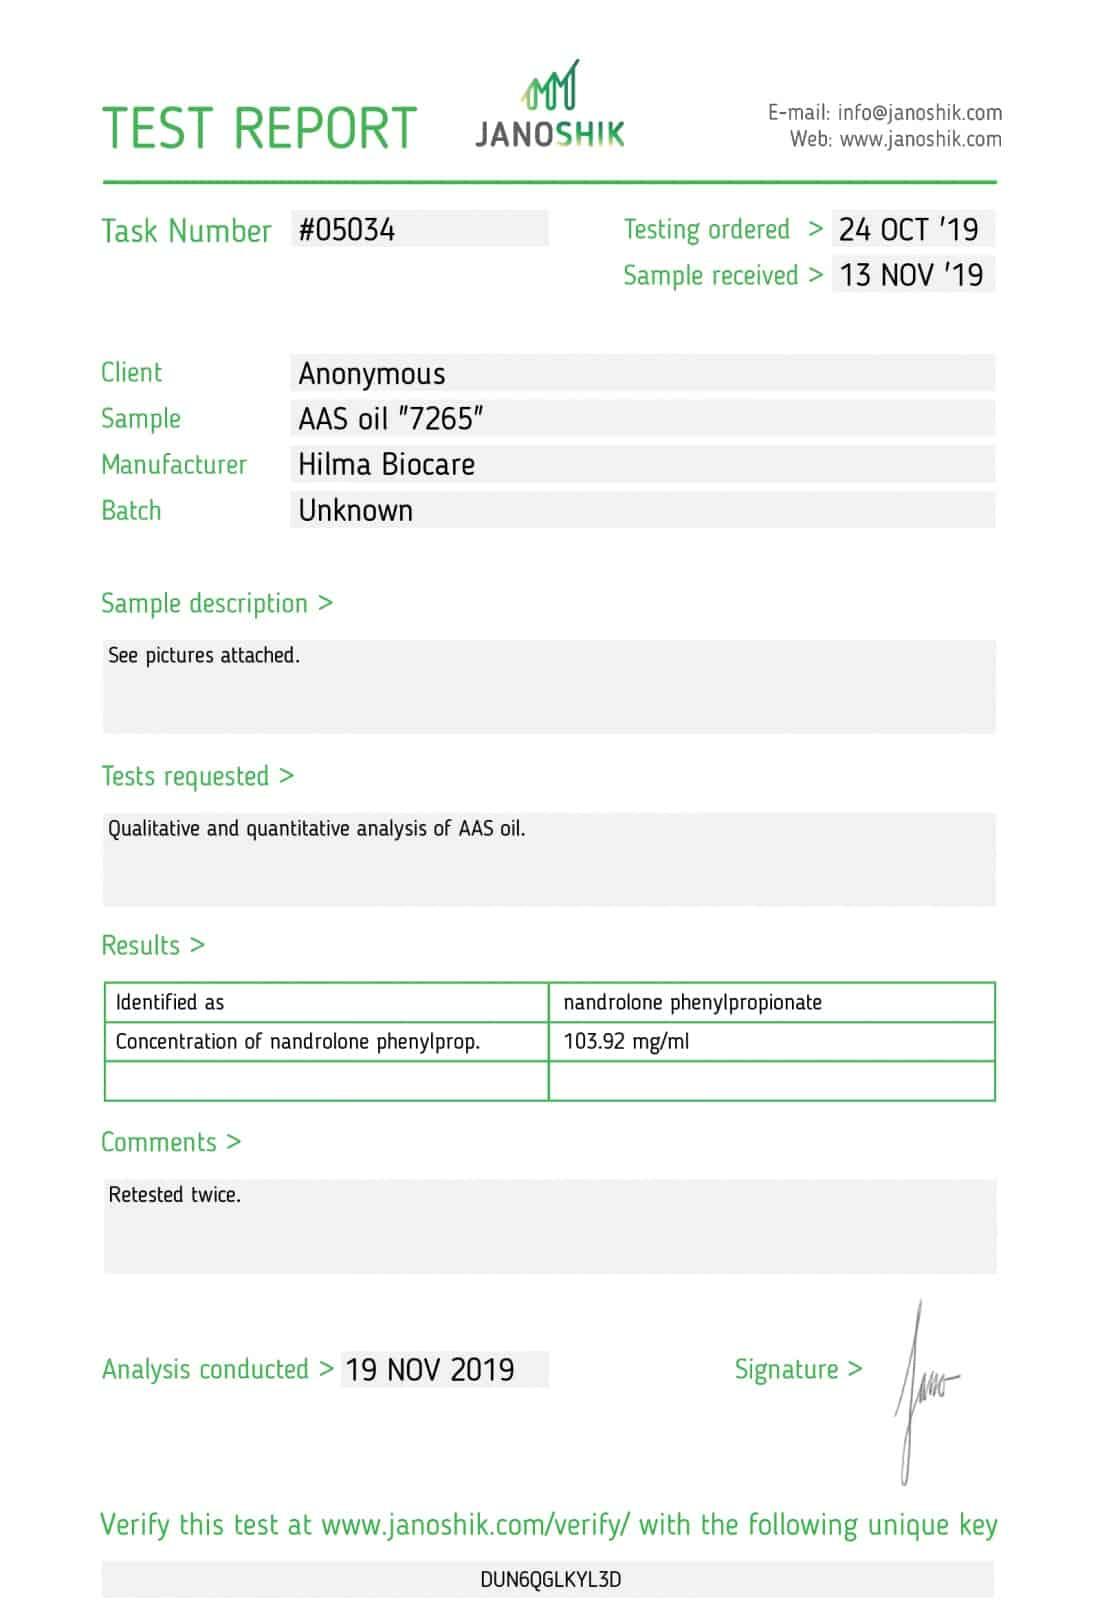 Hilma Biocare NANDROLONE PHENYLPROPIONATE